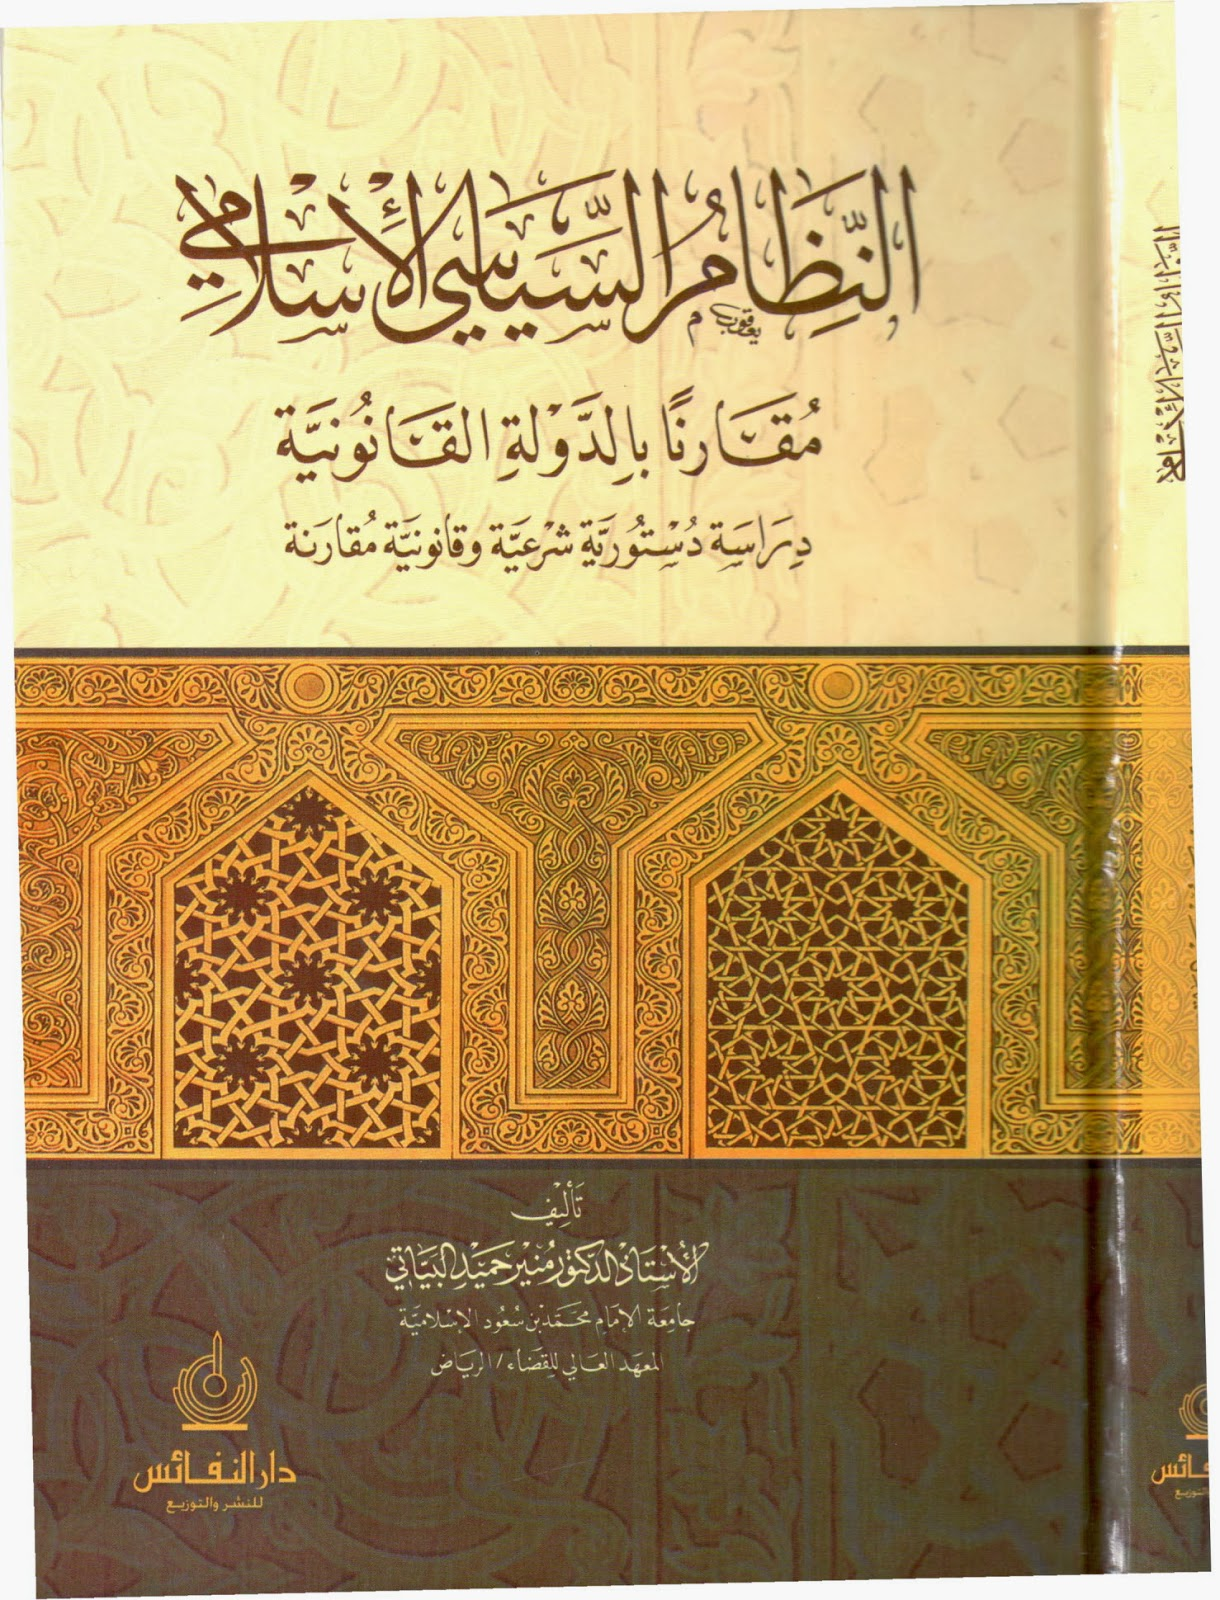 النظام السياسي الإسلامي مقارنا بالدولة القانونية - منير حميد البياتي pdf